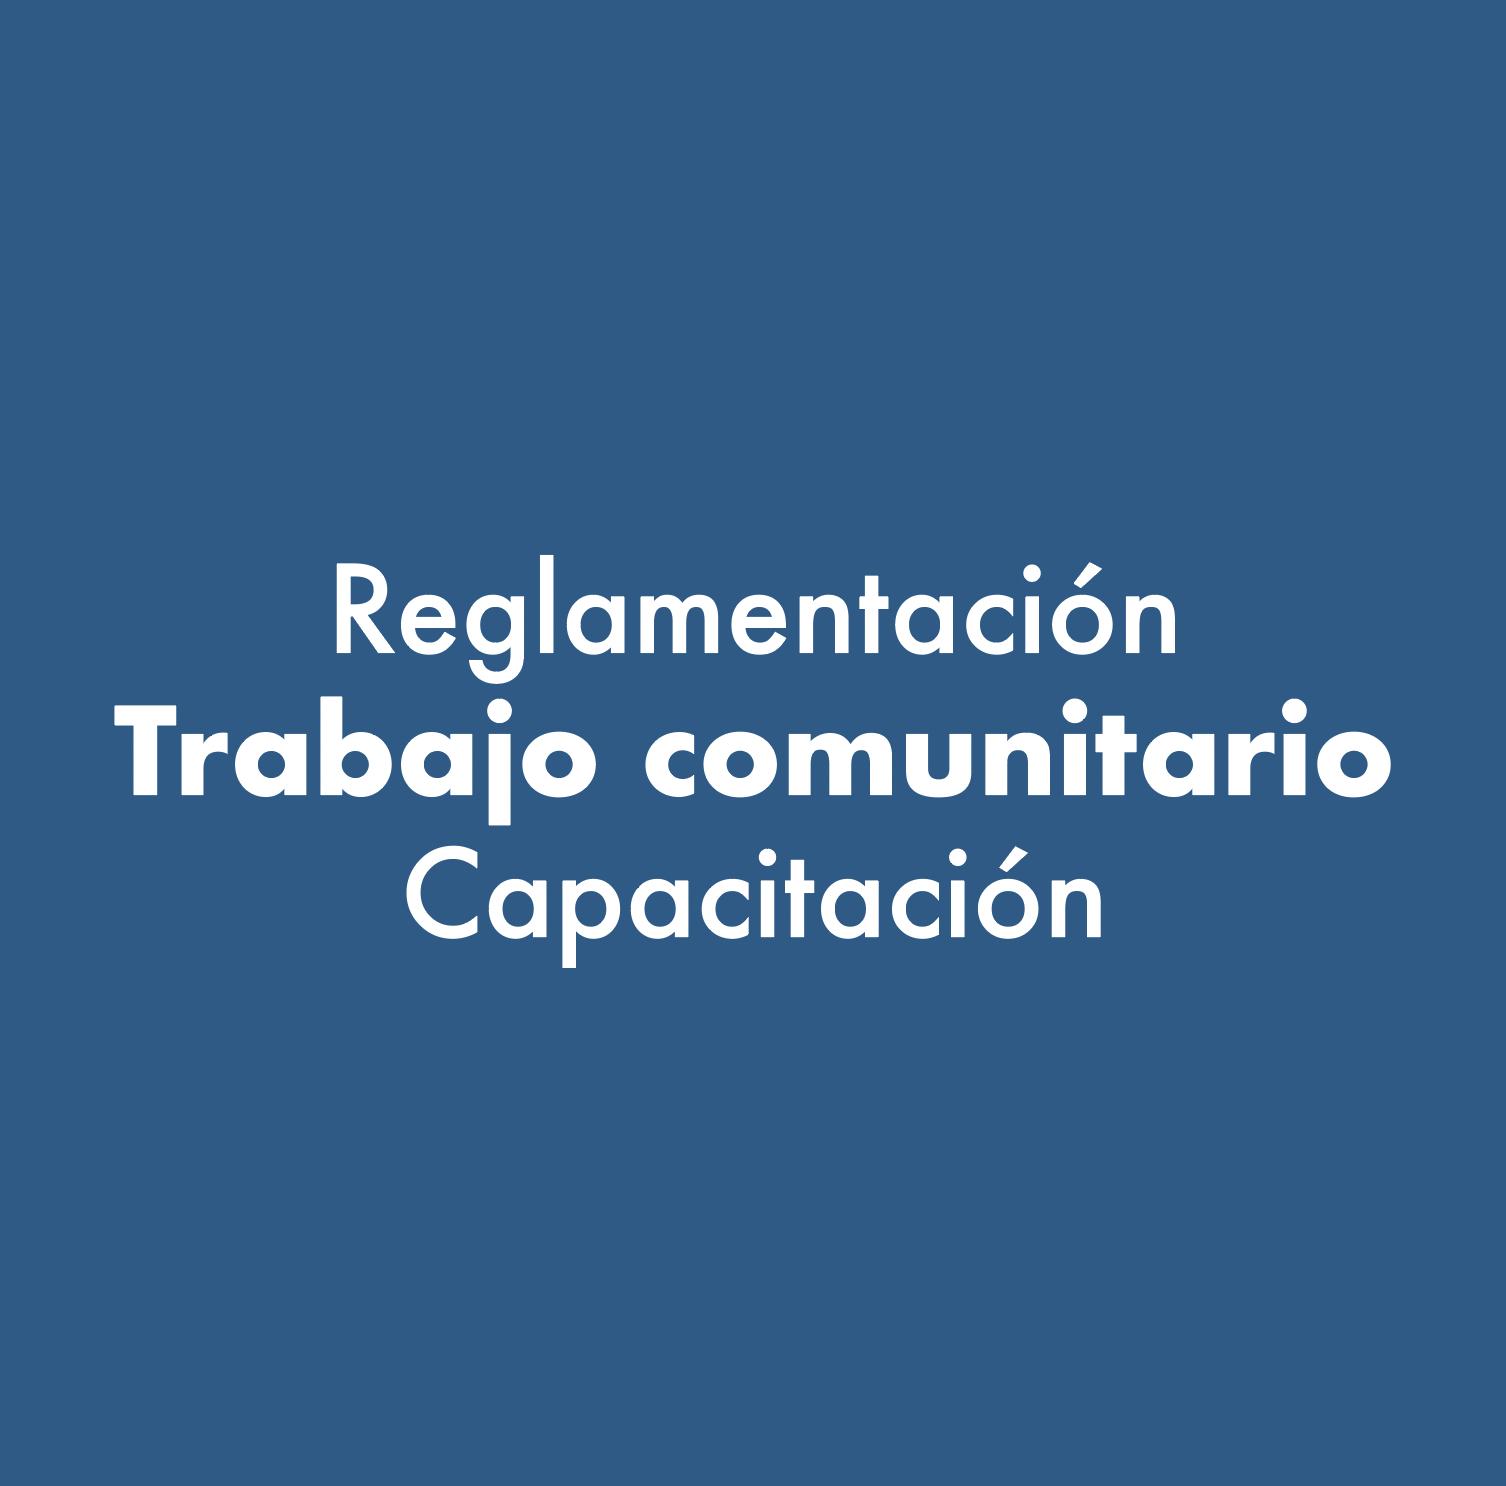 Reglamentación – Trabajo comunitario – Capacitación